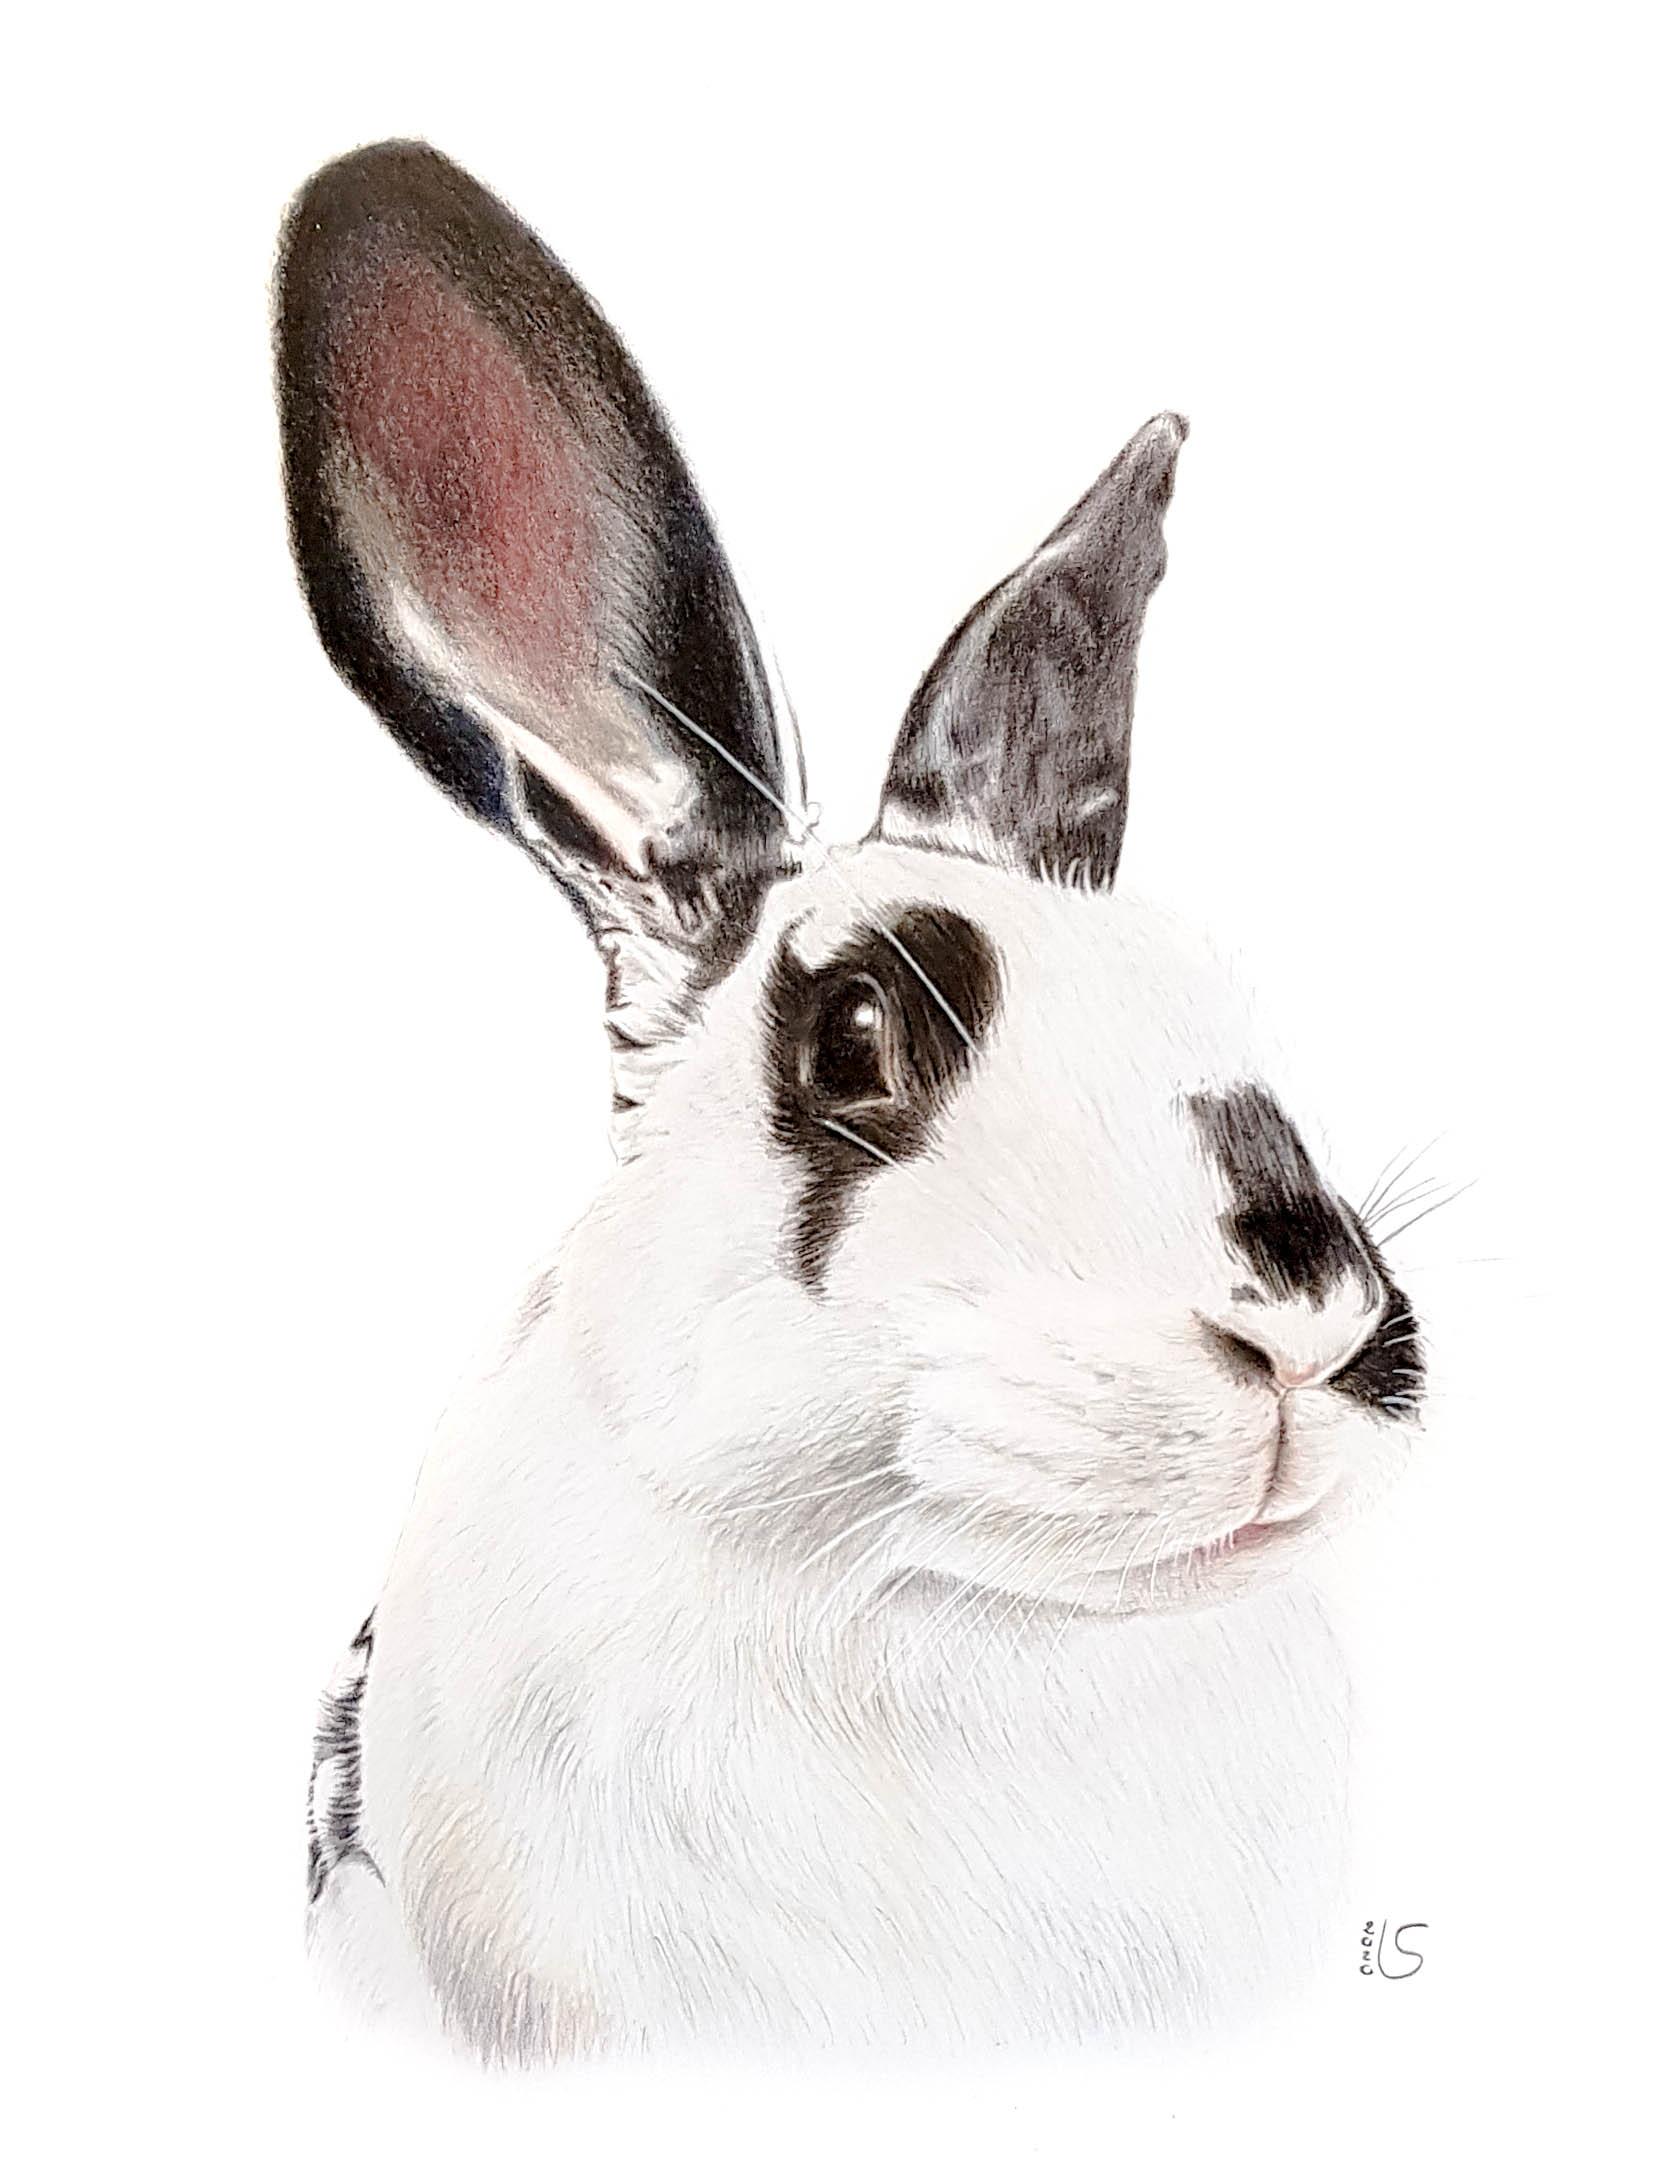 Dessin de lapin aux crayons de couleur par Laurie Sénacq Portraitiste